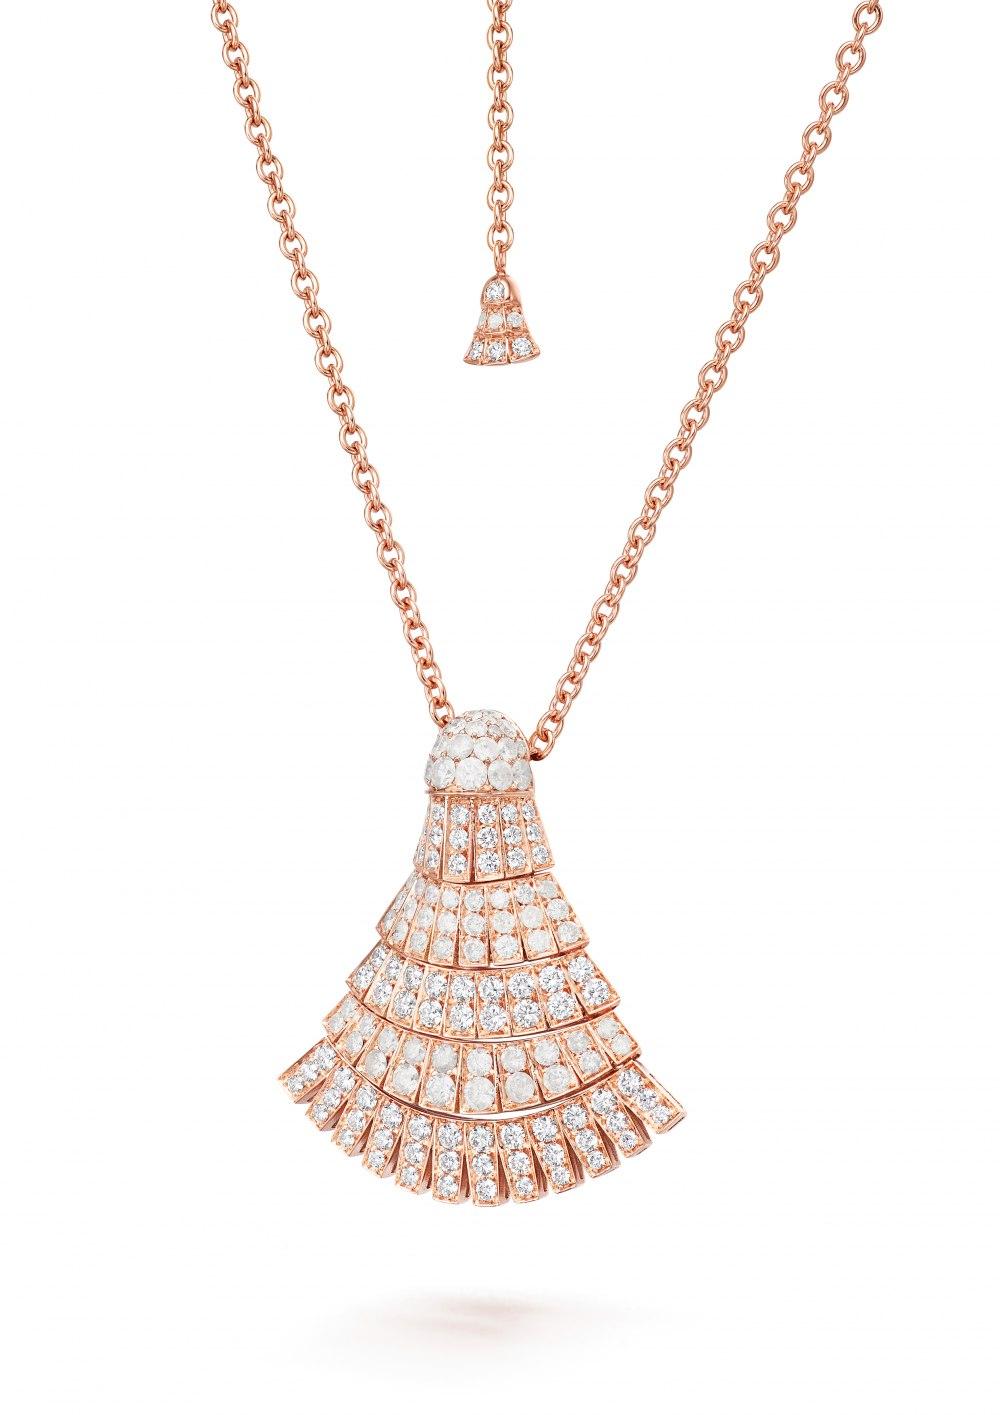 DE GRISOGONO Ventaglio necklace 91508_04